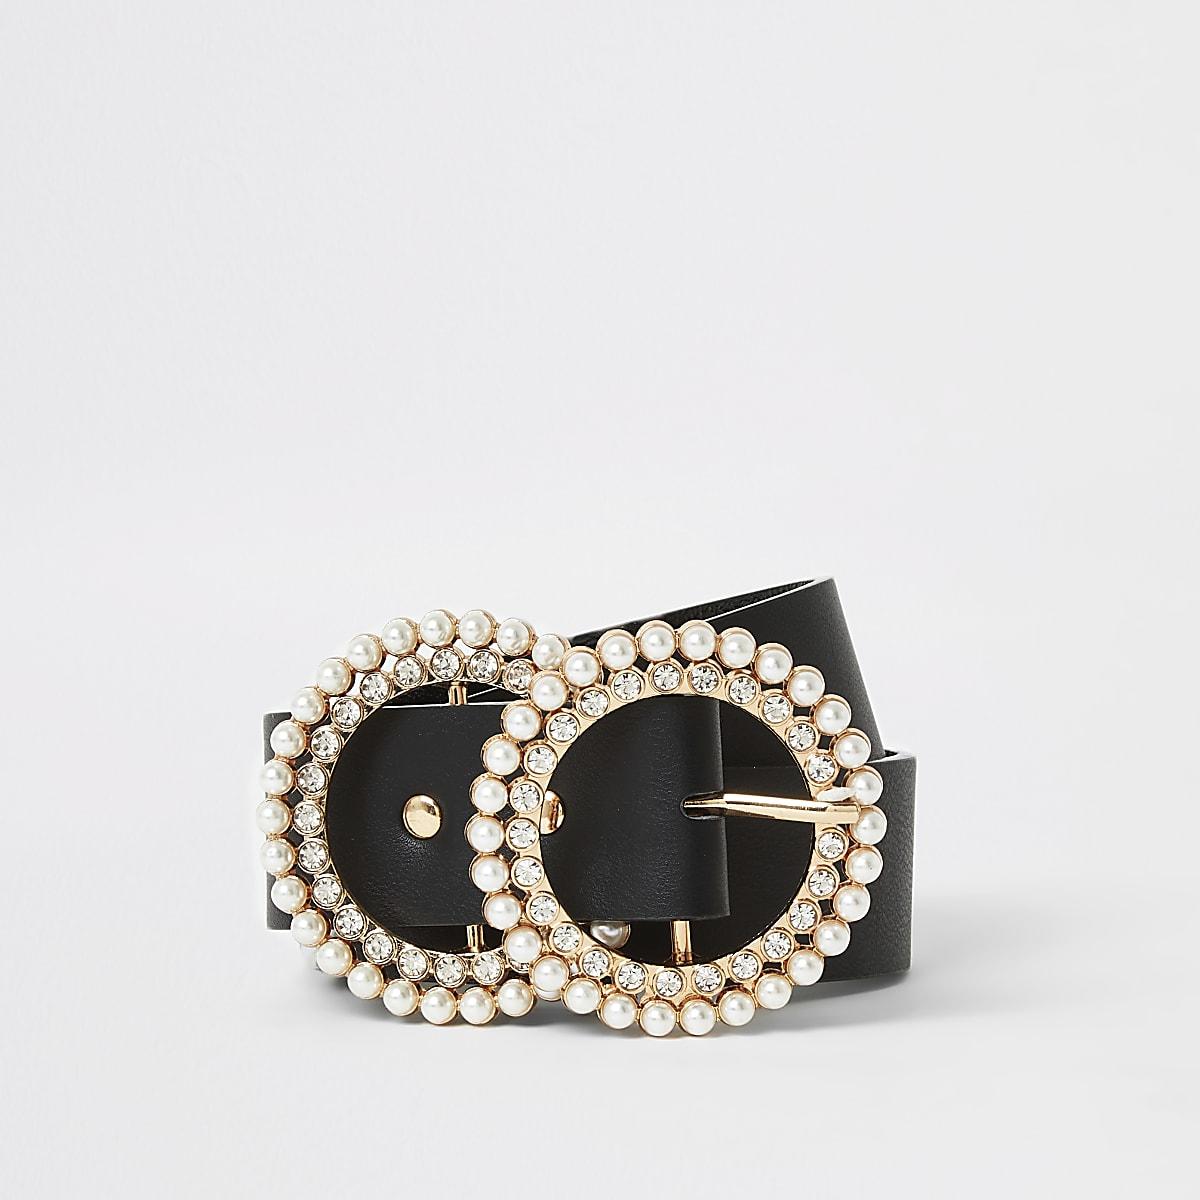 Zwarte riem met twee ringen met parels en siersteentjes